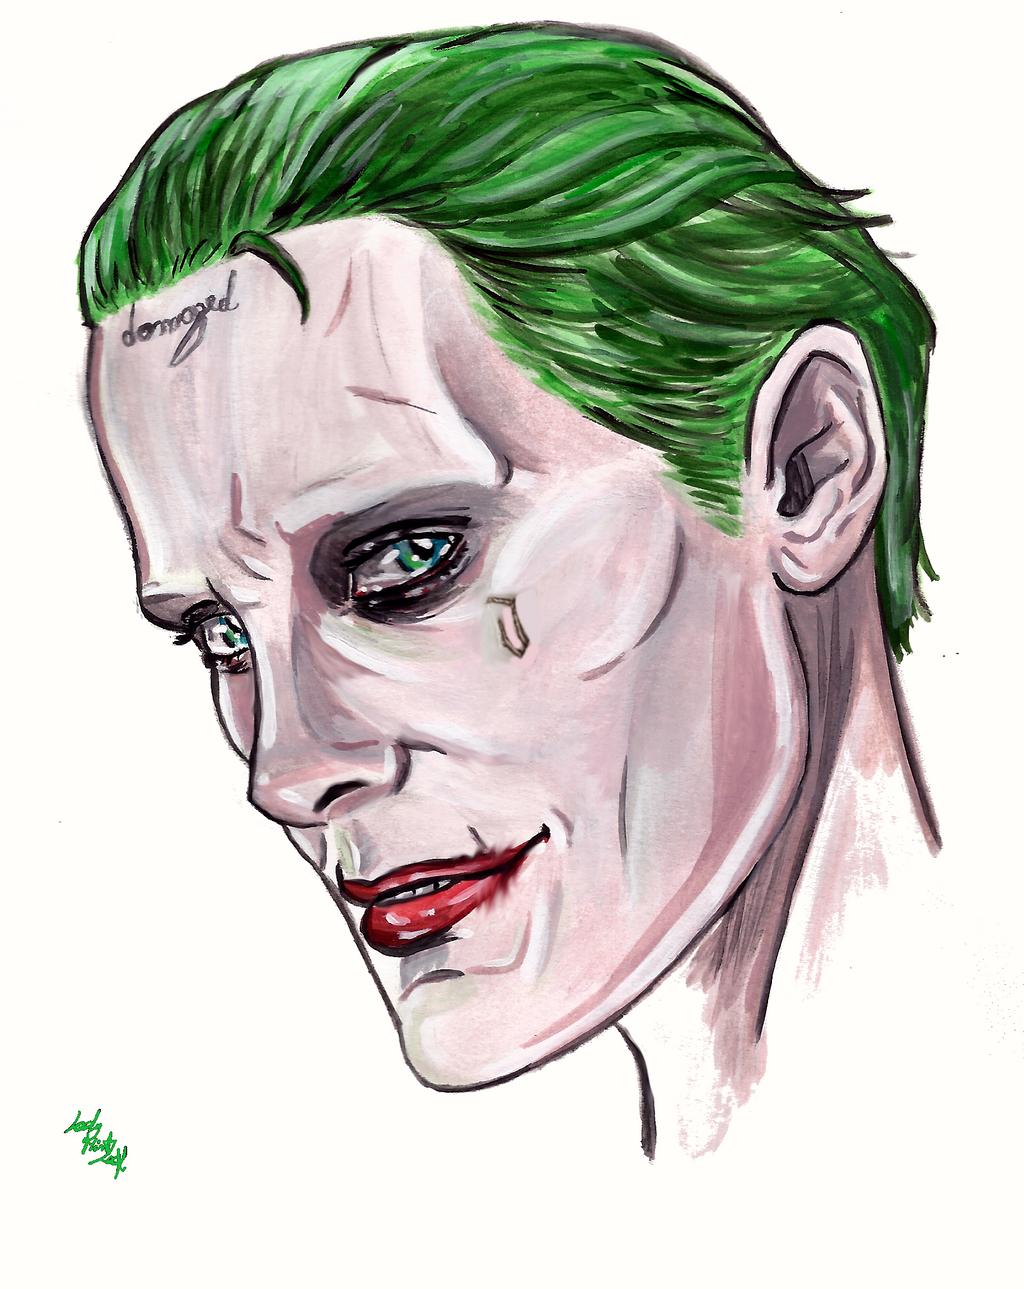 Joker Face Paint Suicide Squad : joker, paint, suicide, squad